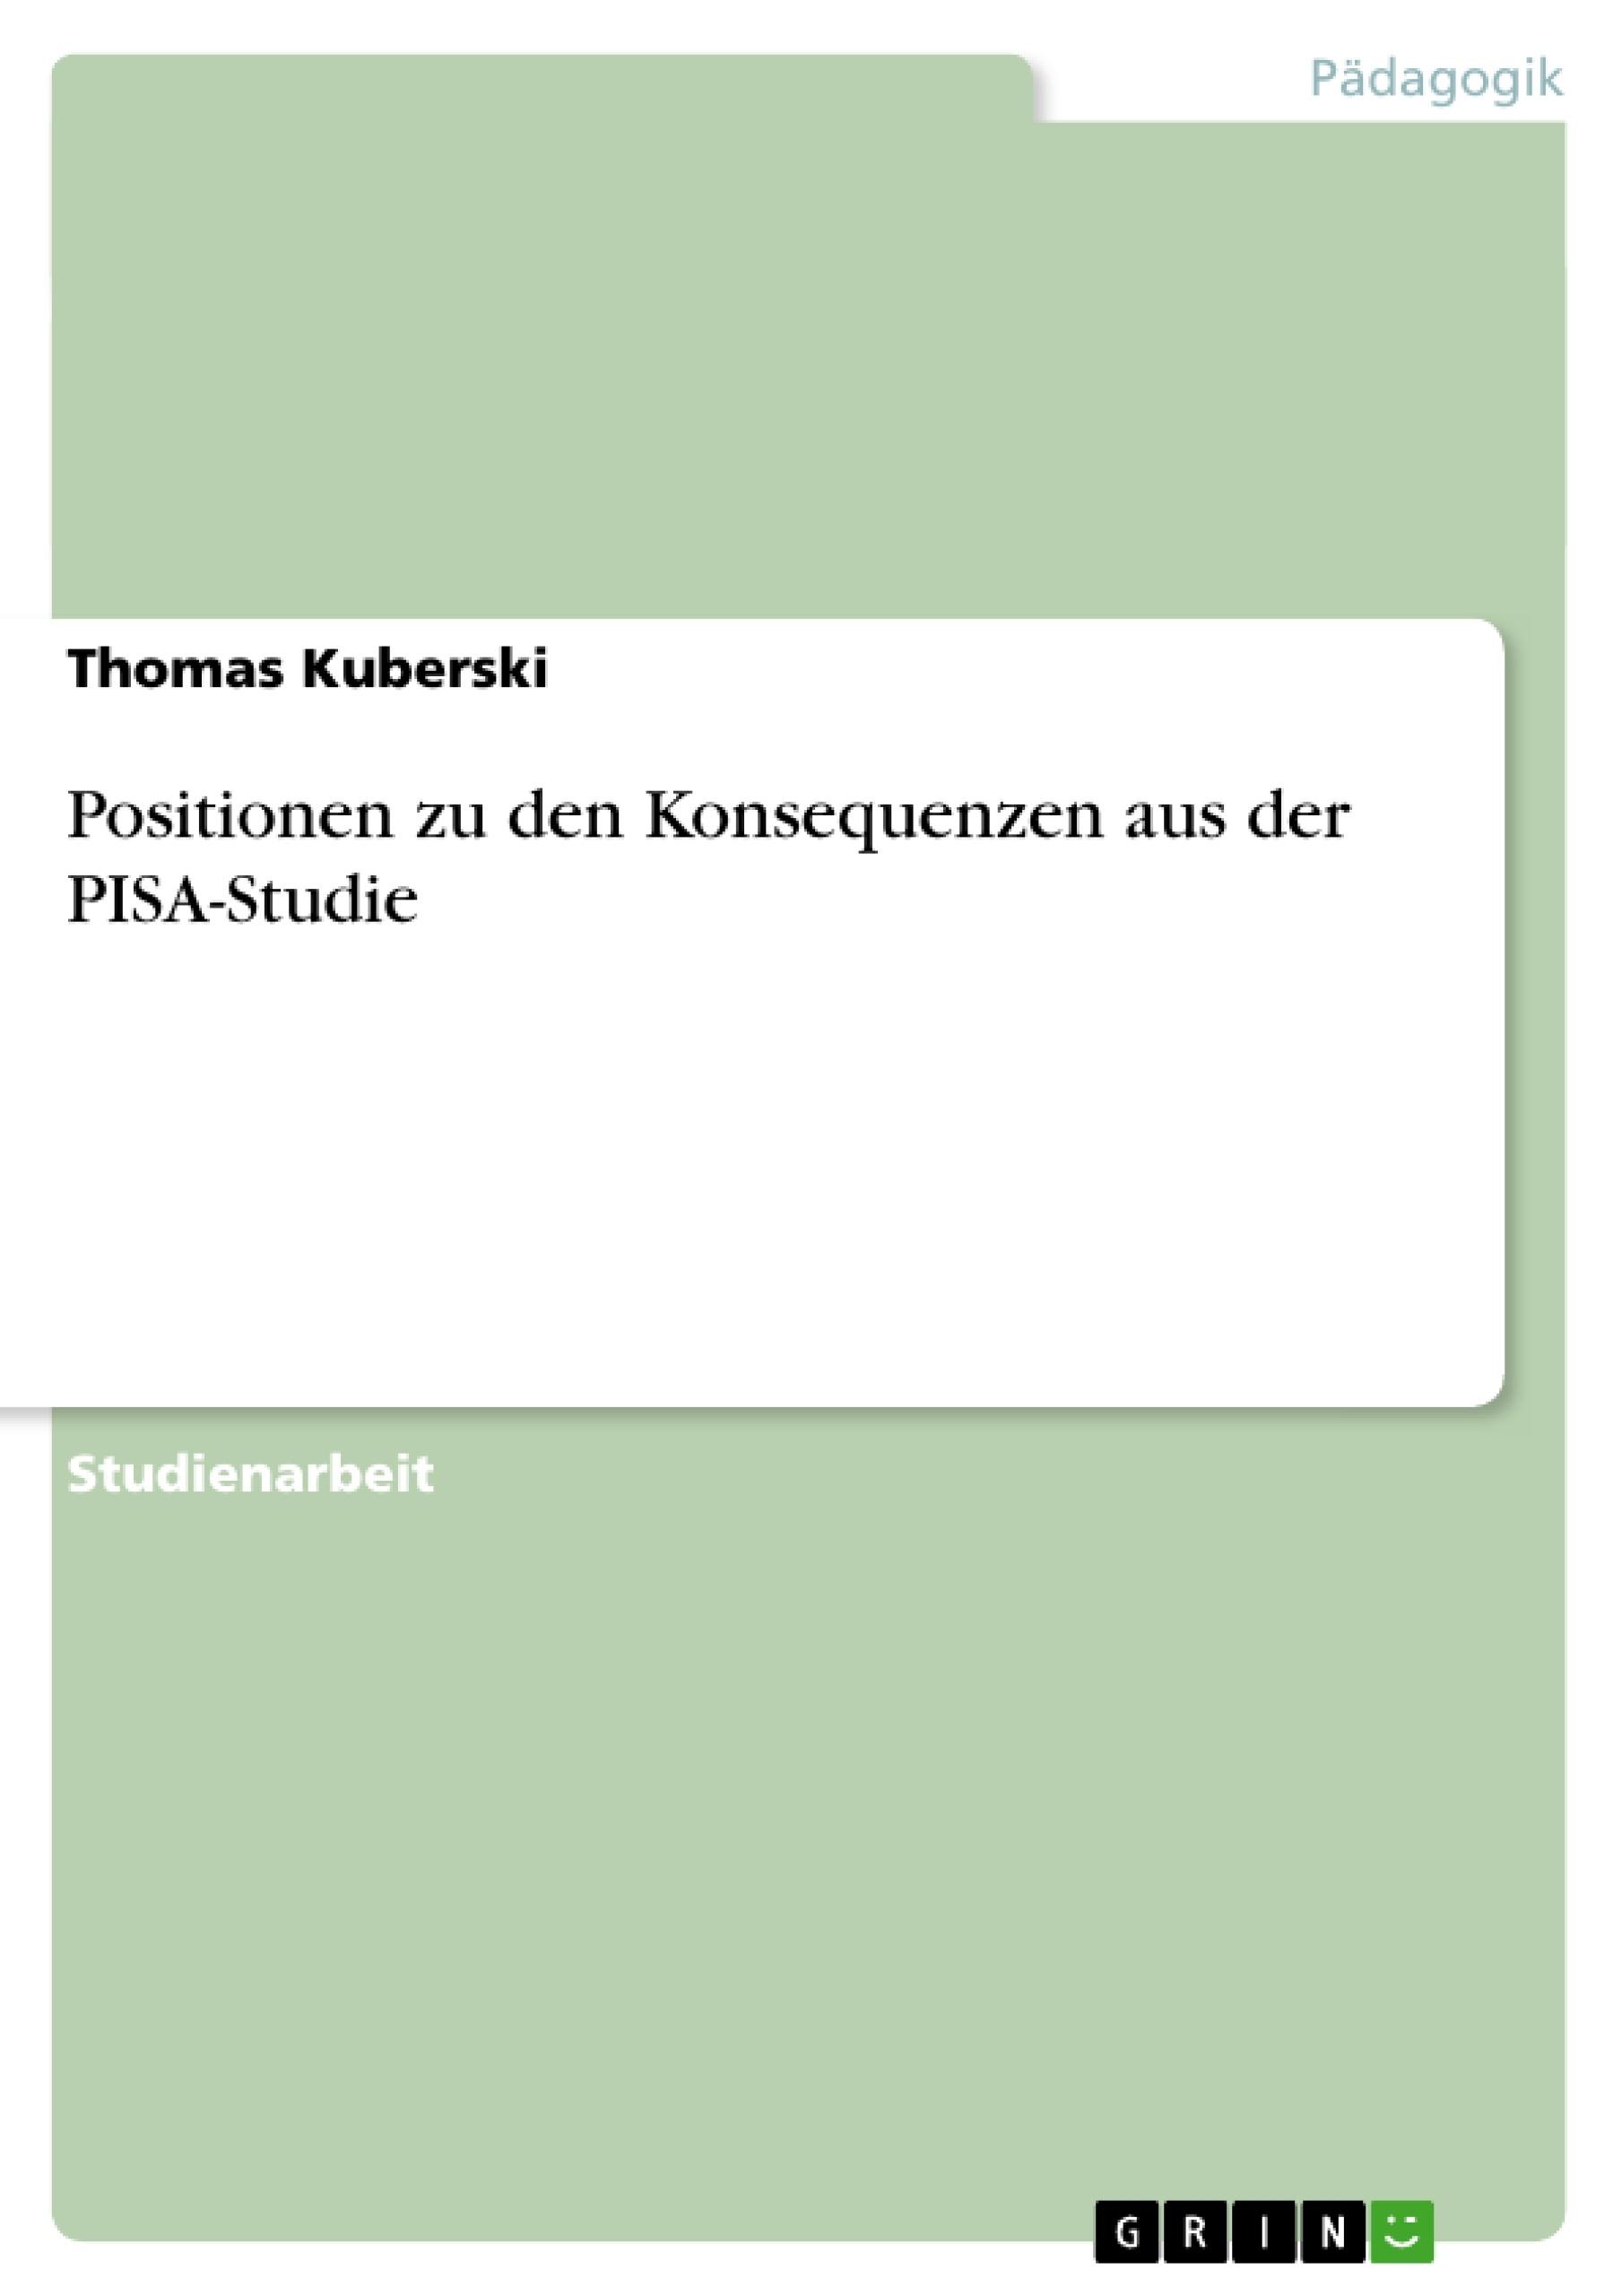 Titel: Positionen zu den Konsequenzen aus der PISA-Studie